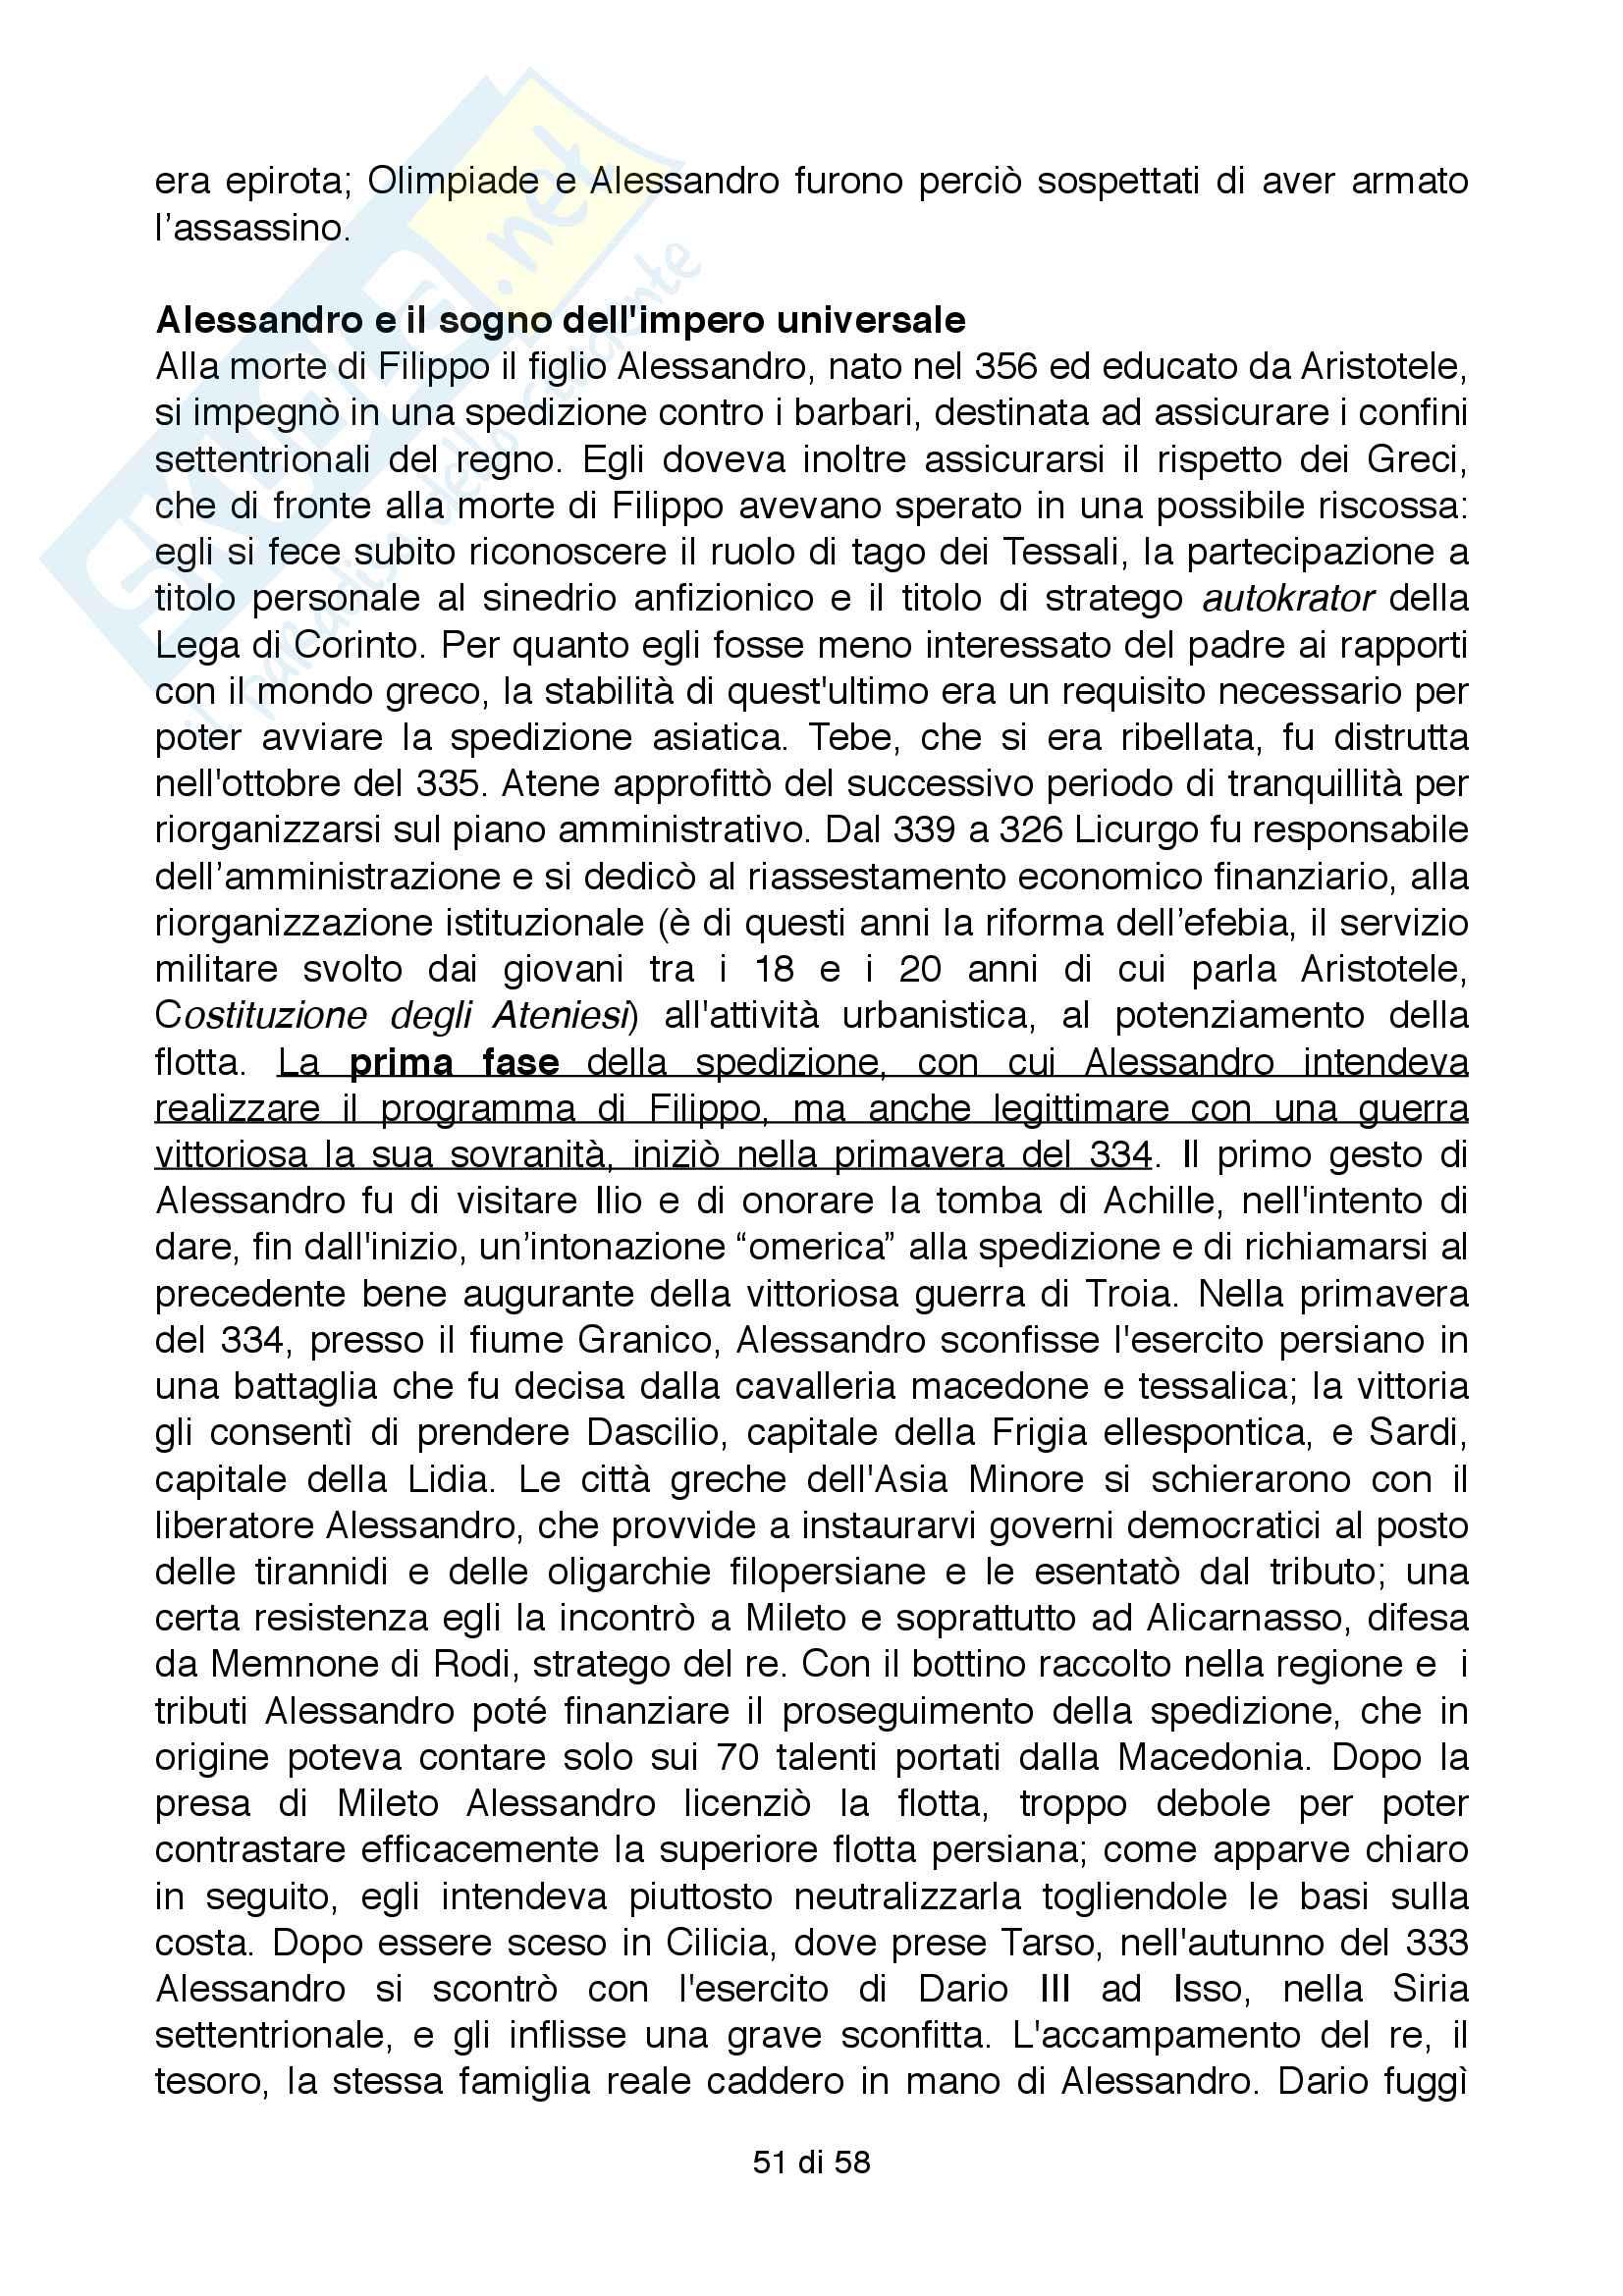 Riassunto esame Storia Greca, Docente Bianchetti Serena, Unversità degli Studi di Firenze Pag. 51